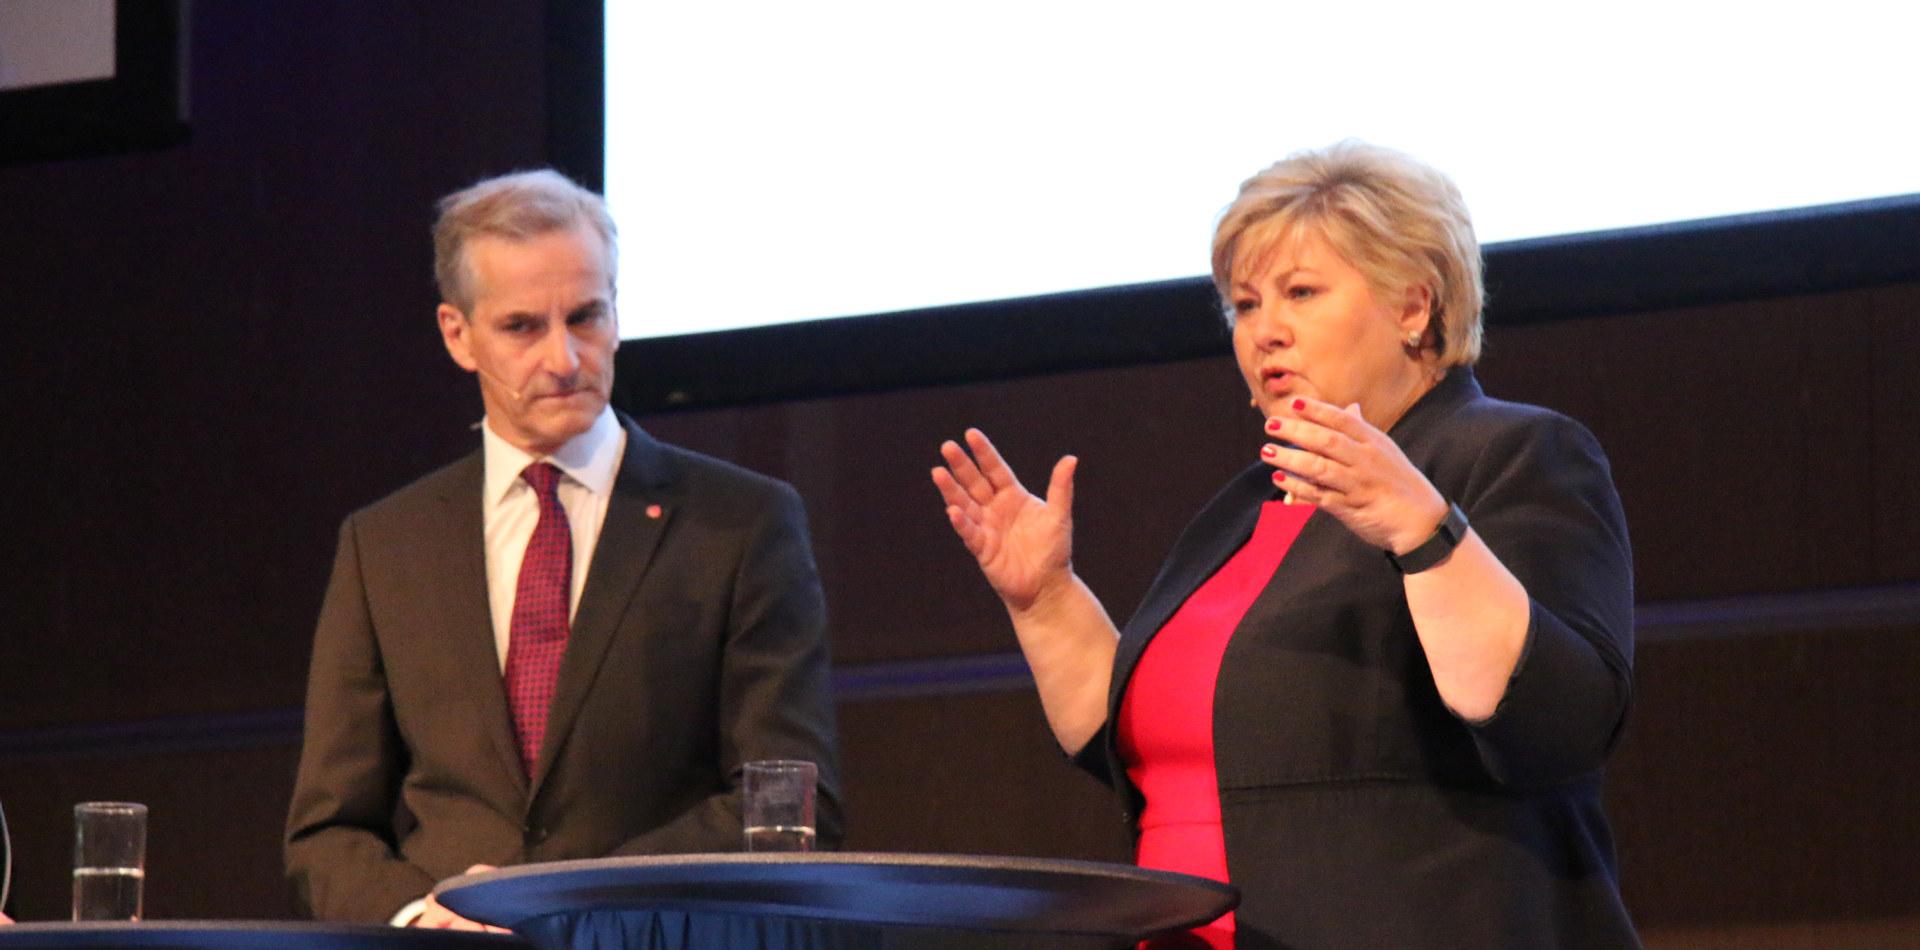 Fra Industrikonferansen 2017. Statsminister Erna Solberg og partileder i AP, Jonas Gahr Støre